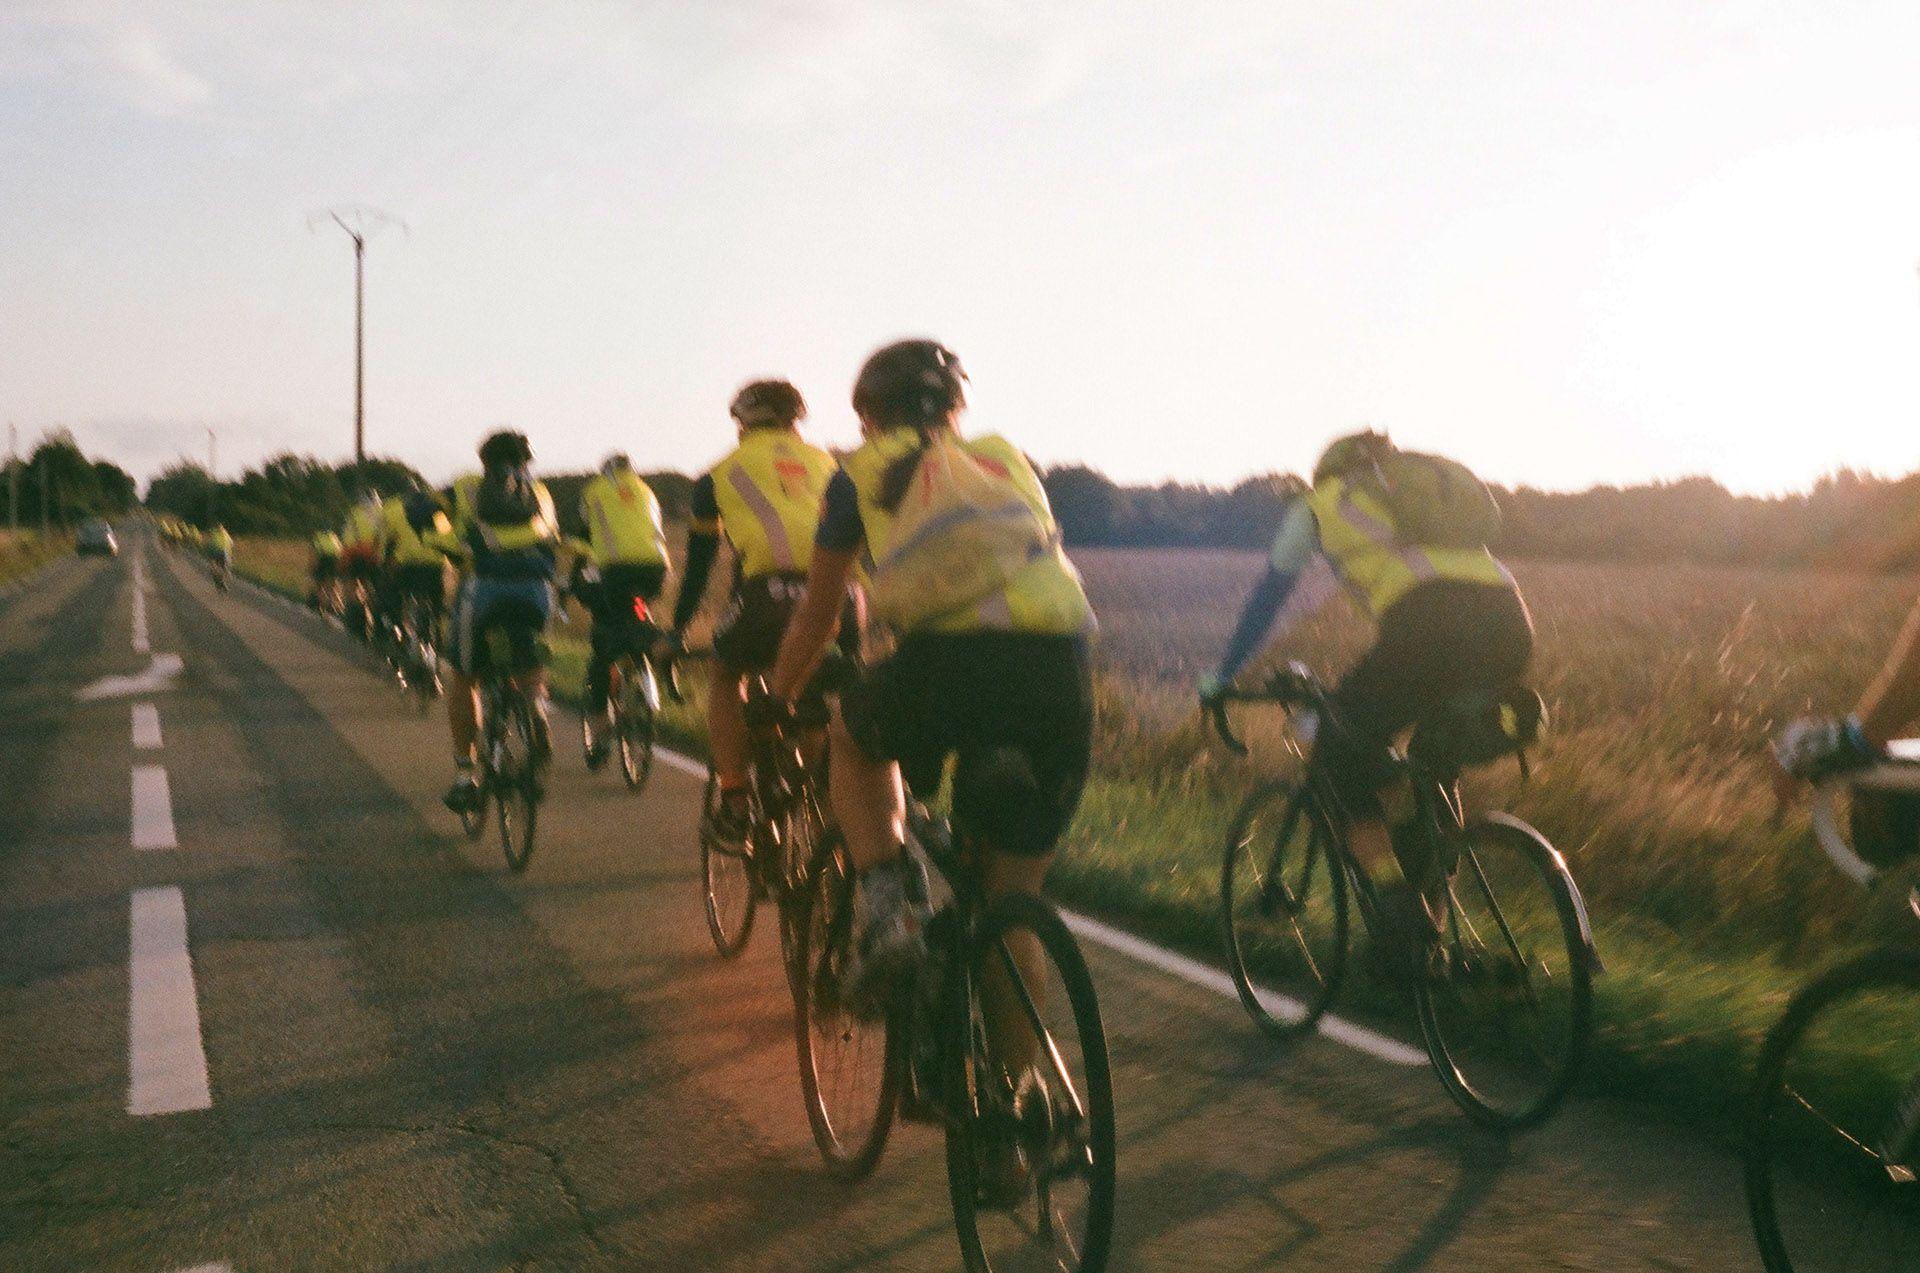 Вечір старту, довга вервечка велосипедистів